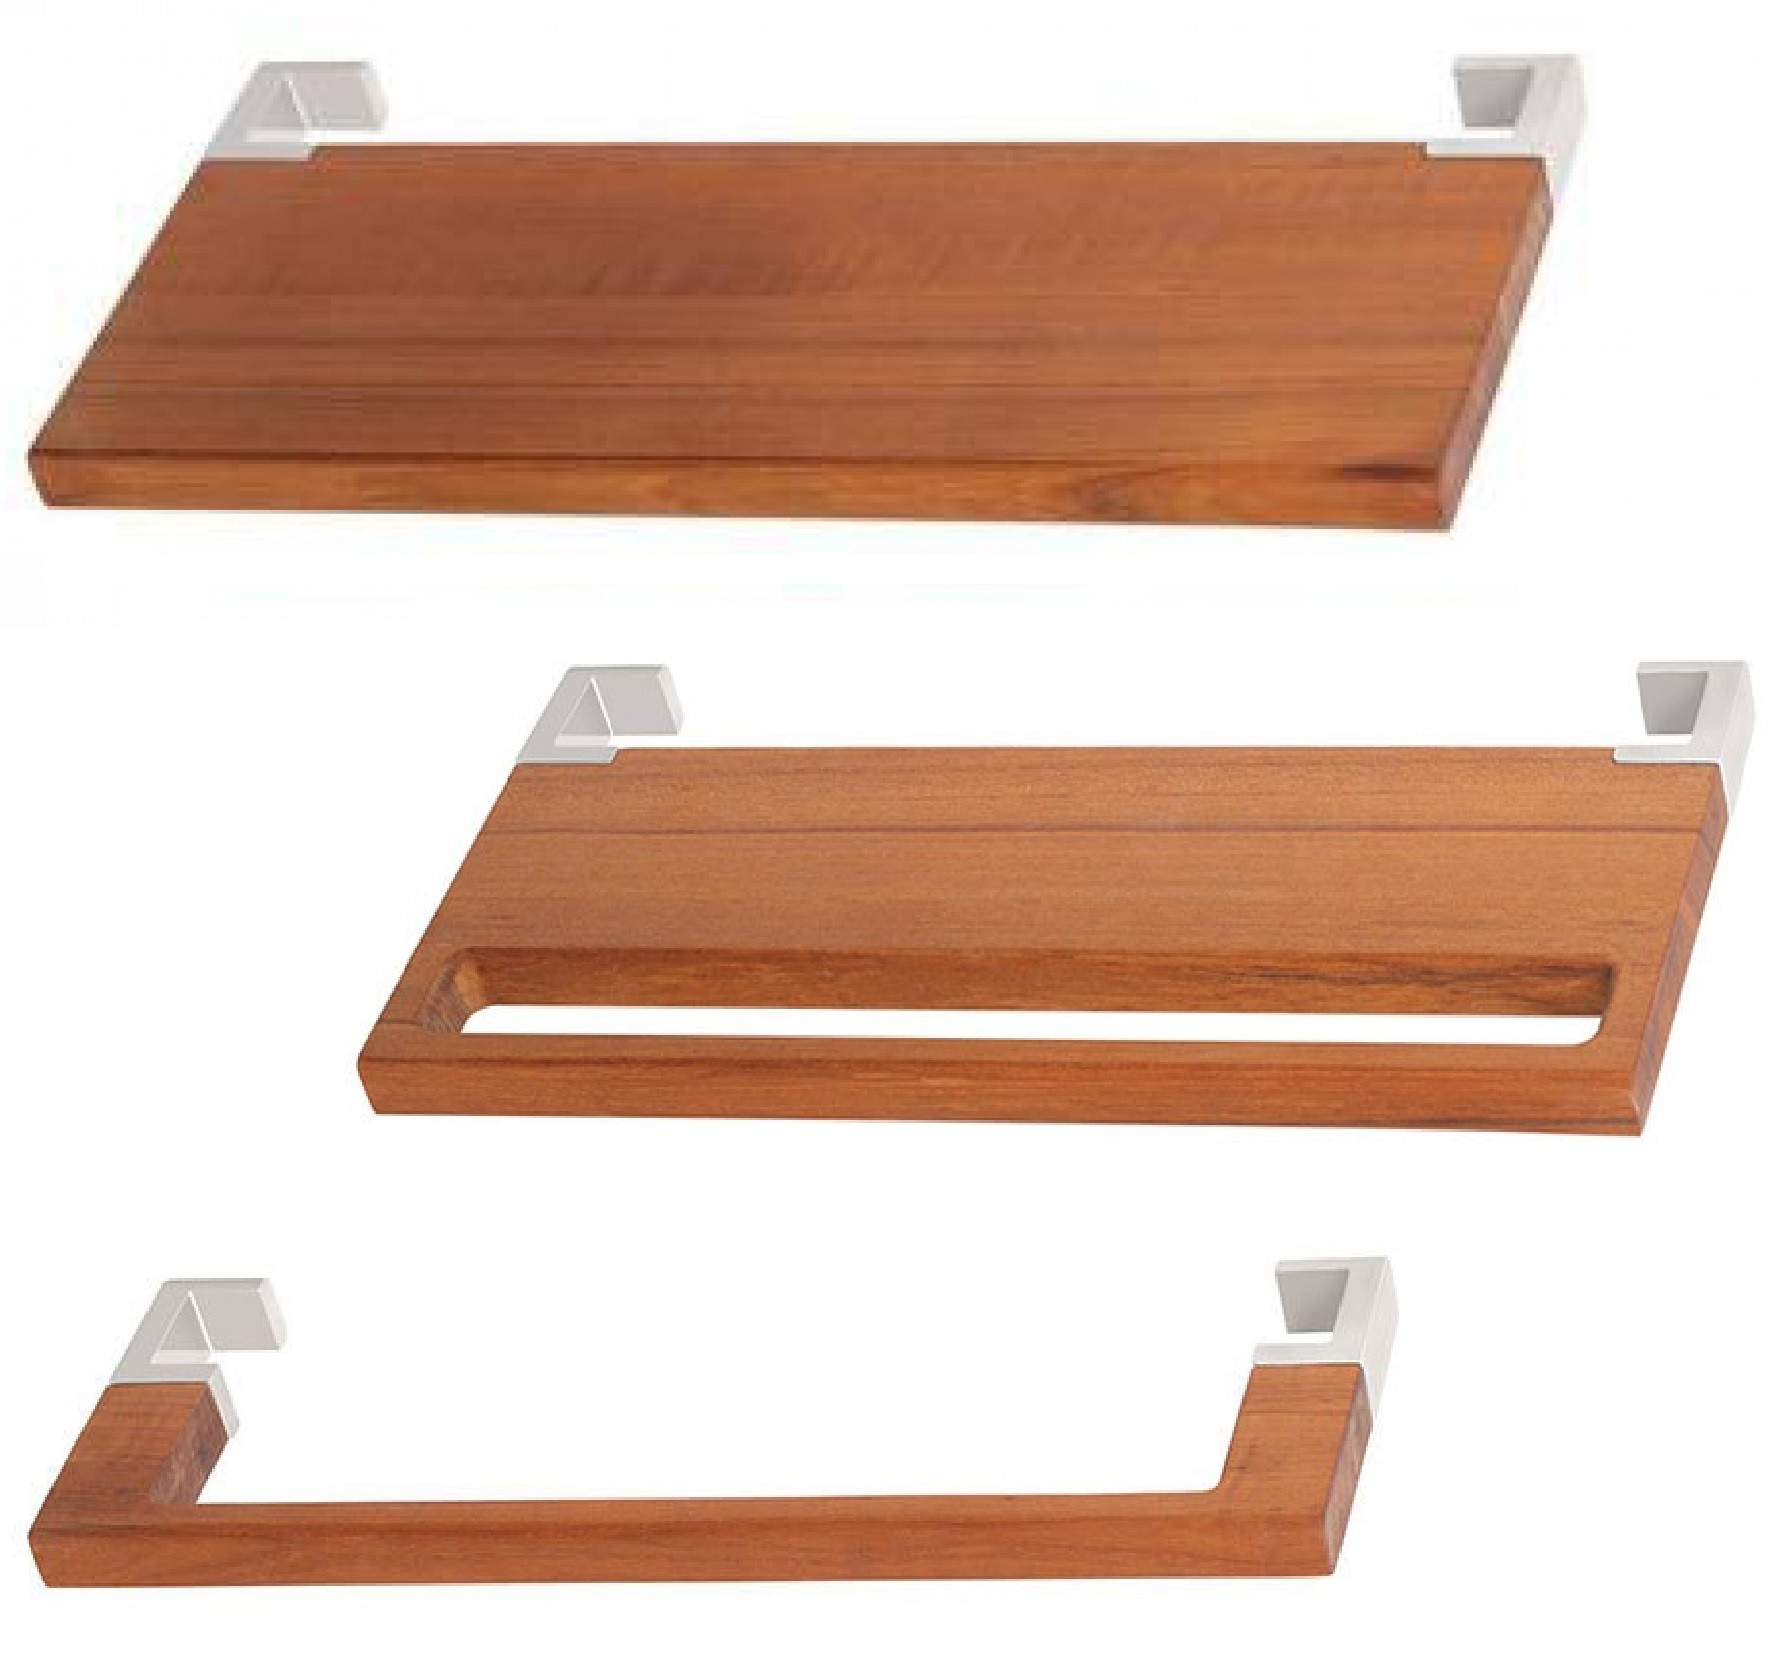 Ablage aus Holz für Badheizkörper, passend für Terma Triga